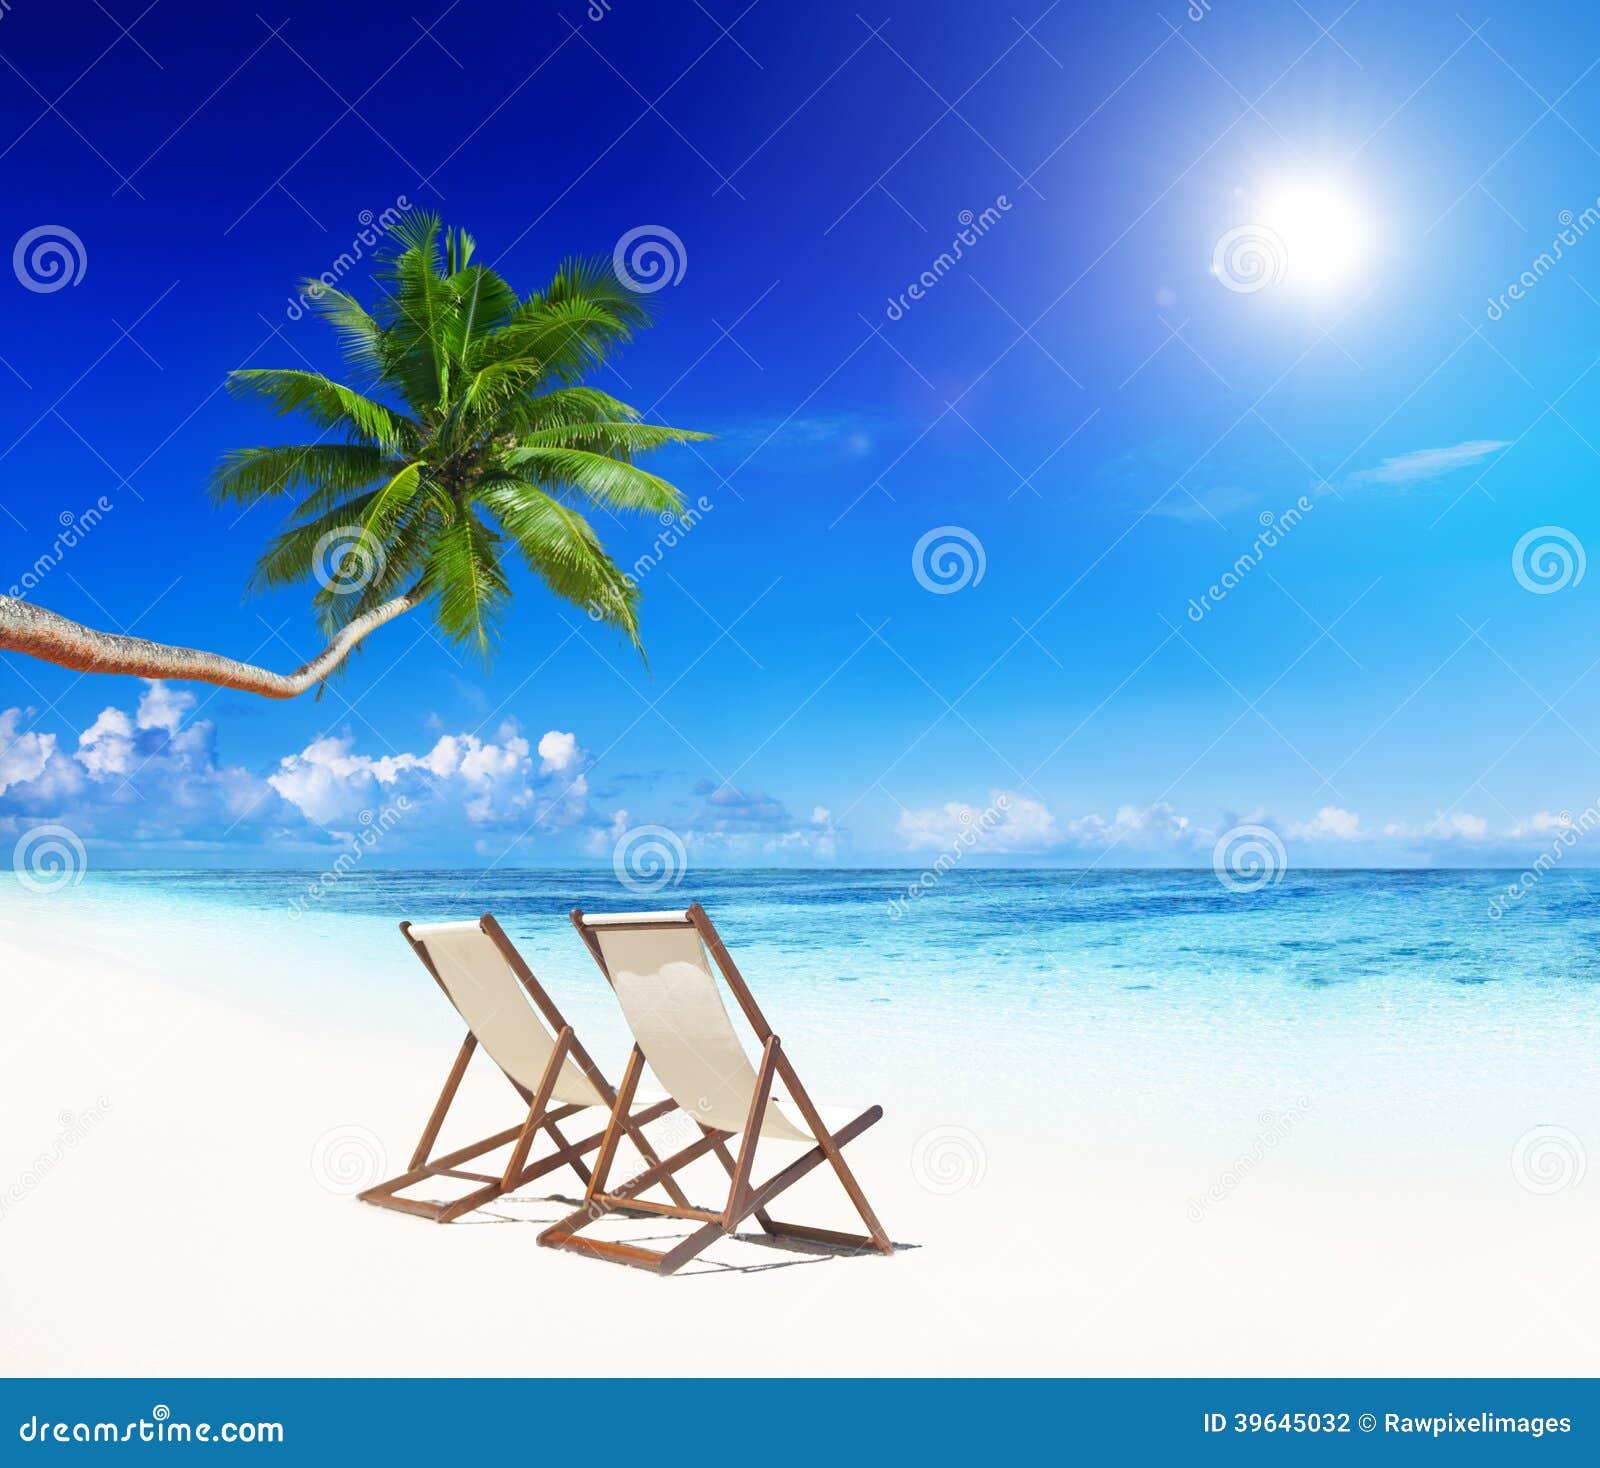 Paradise Beach: Paradise Beach Relaxation Stock Photos